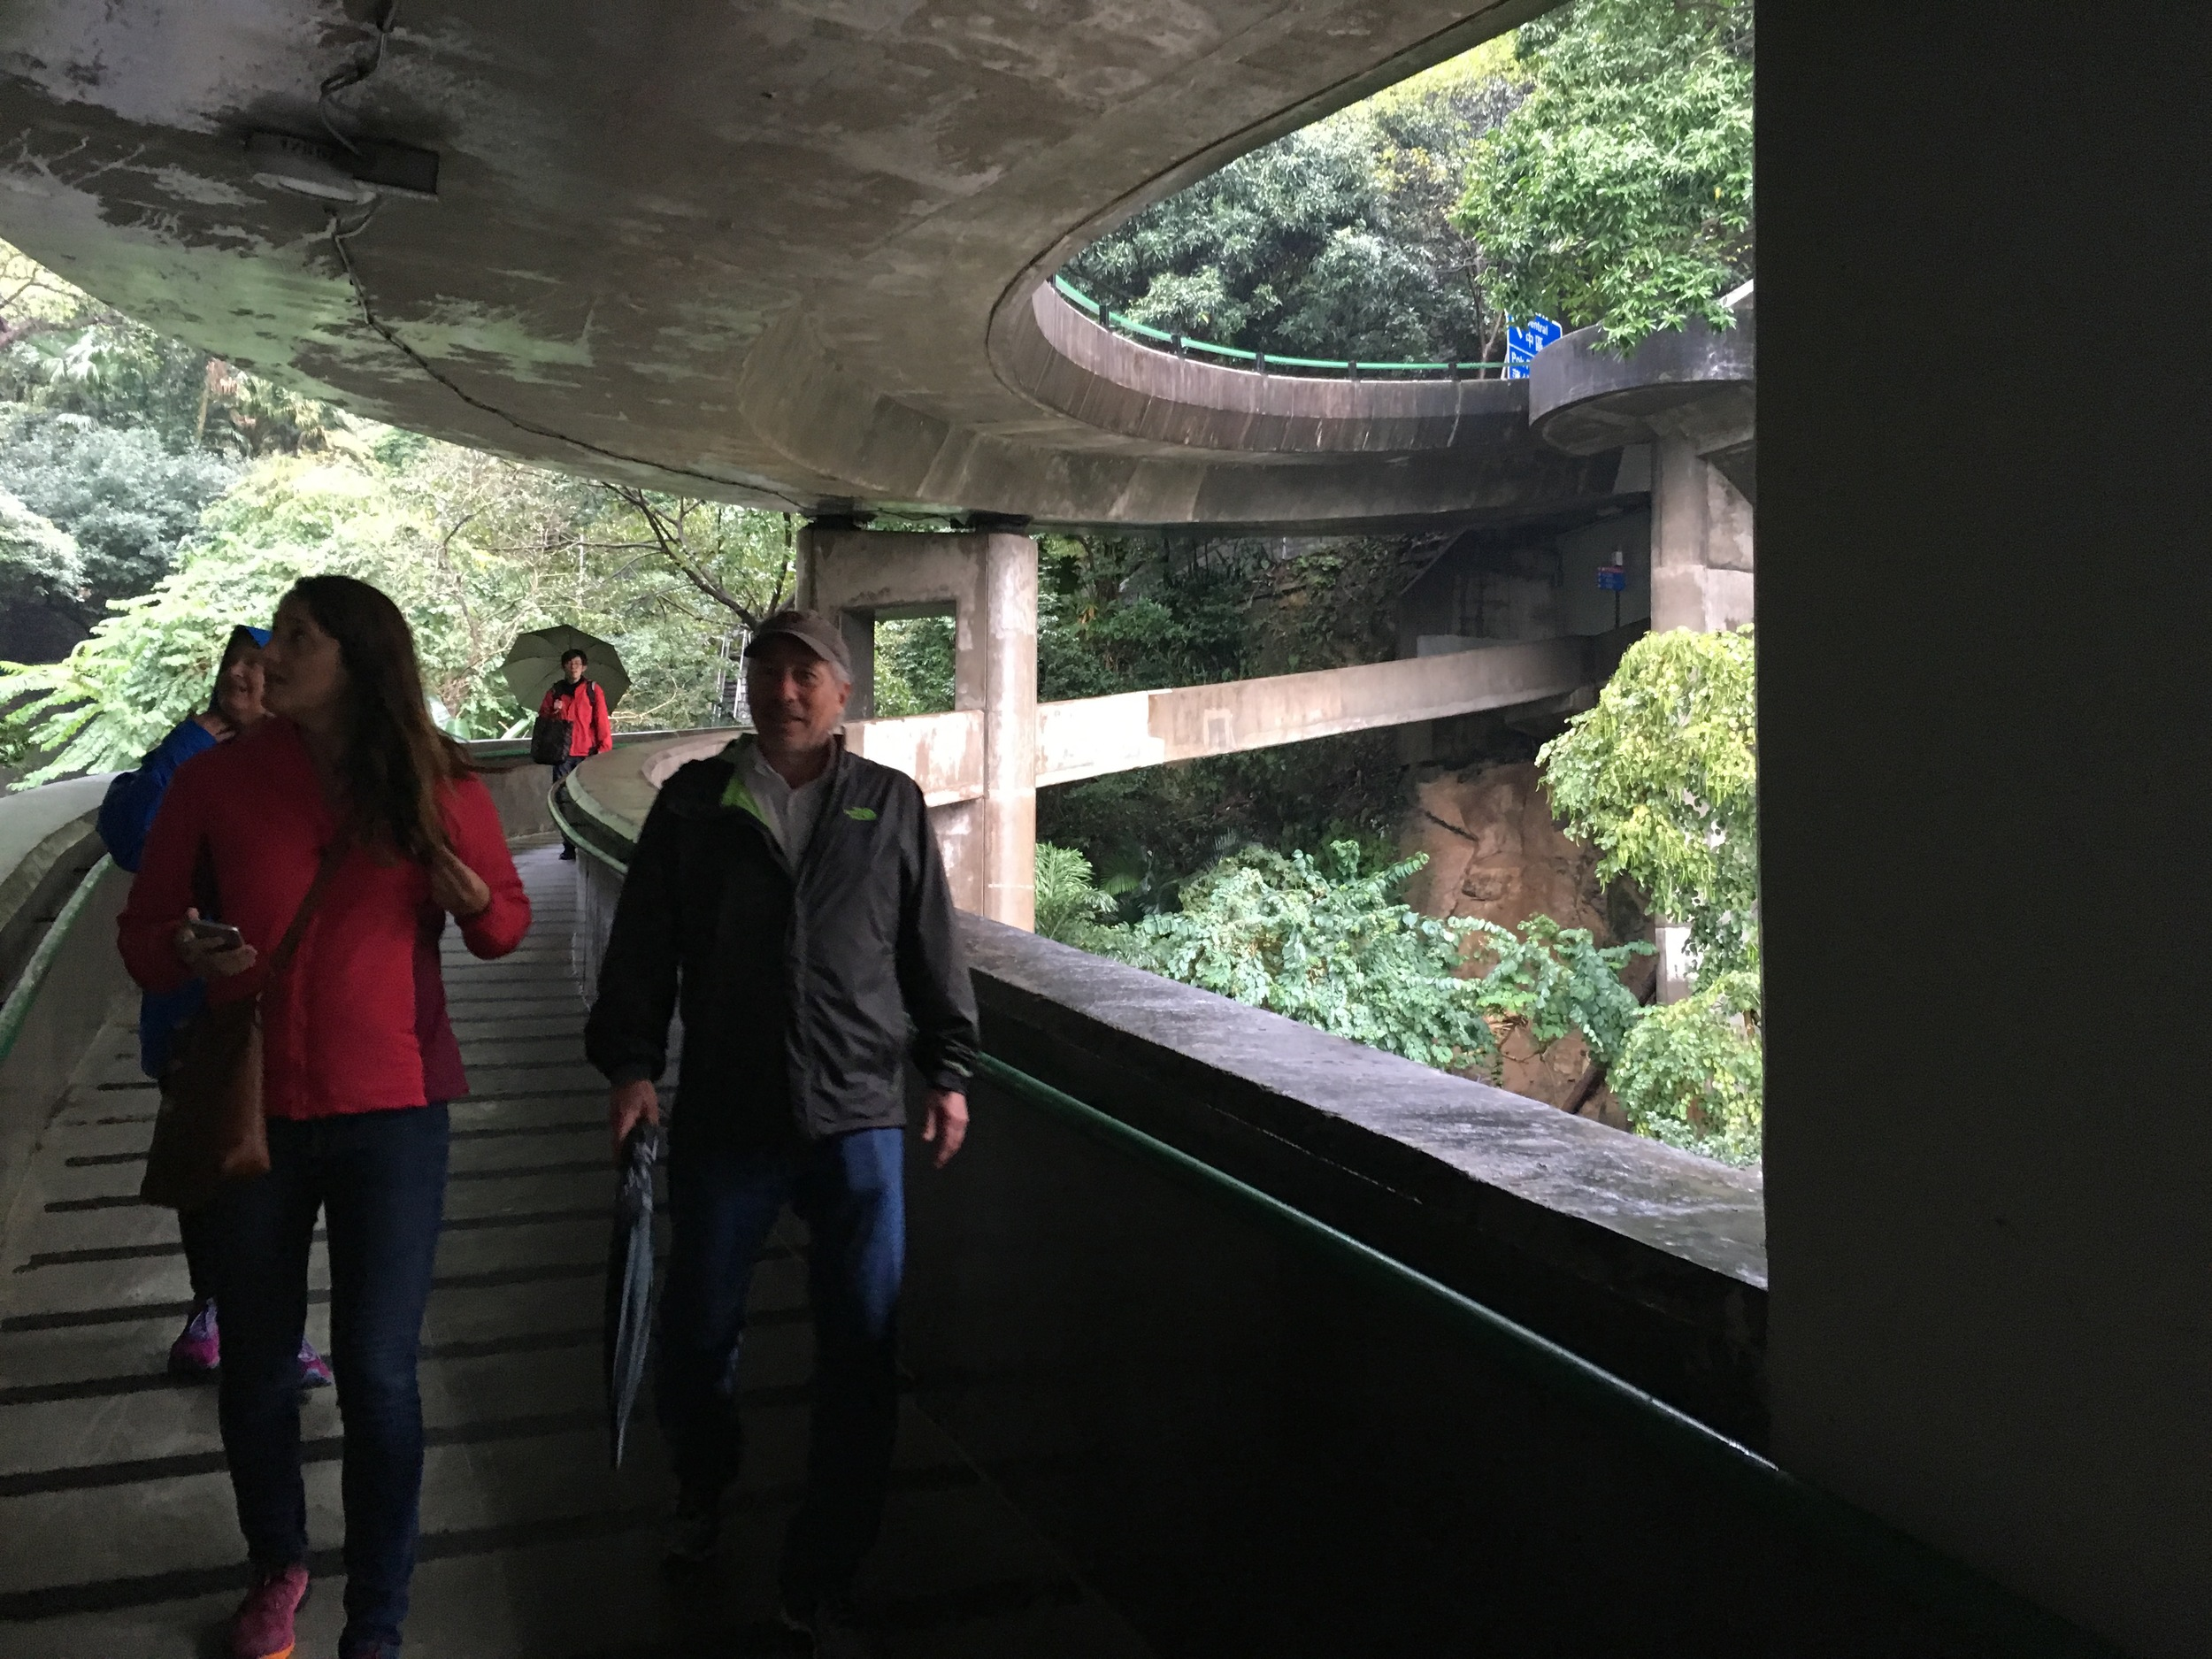 Wandering around HK